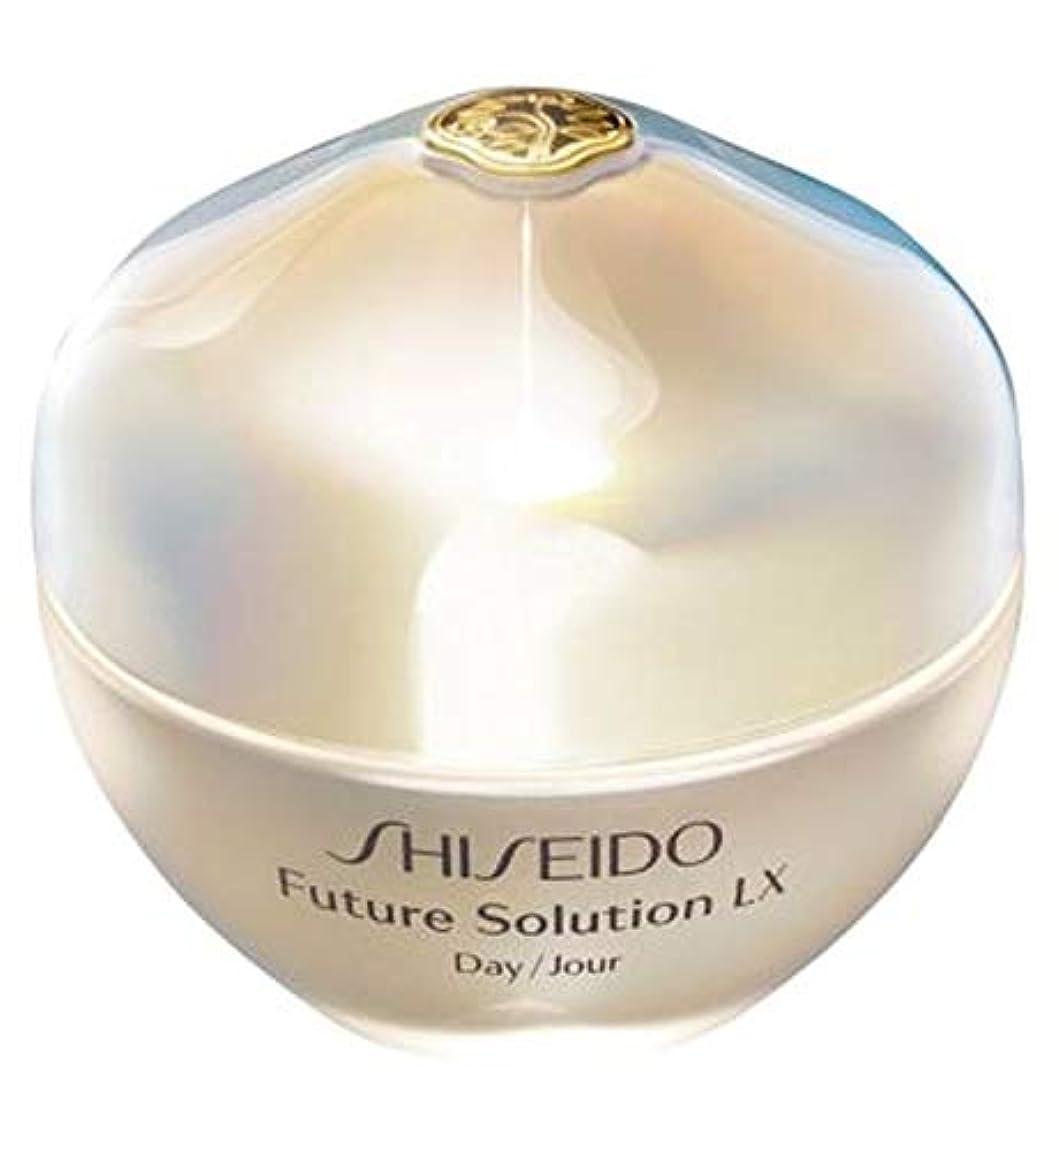 干渉する意義立場[Shiseido] 資生堂フューチャーソリューションLxトータルに保護クリームSpf 18 - Shiseido Future Solution Lx Total Protective Cream Spf 18 [並行輸入品]